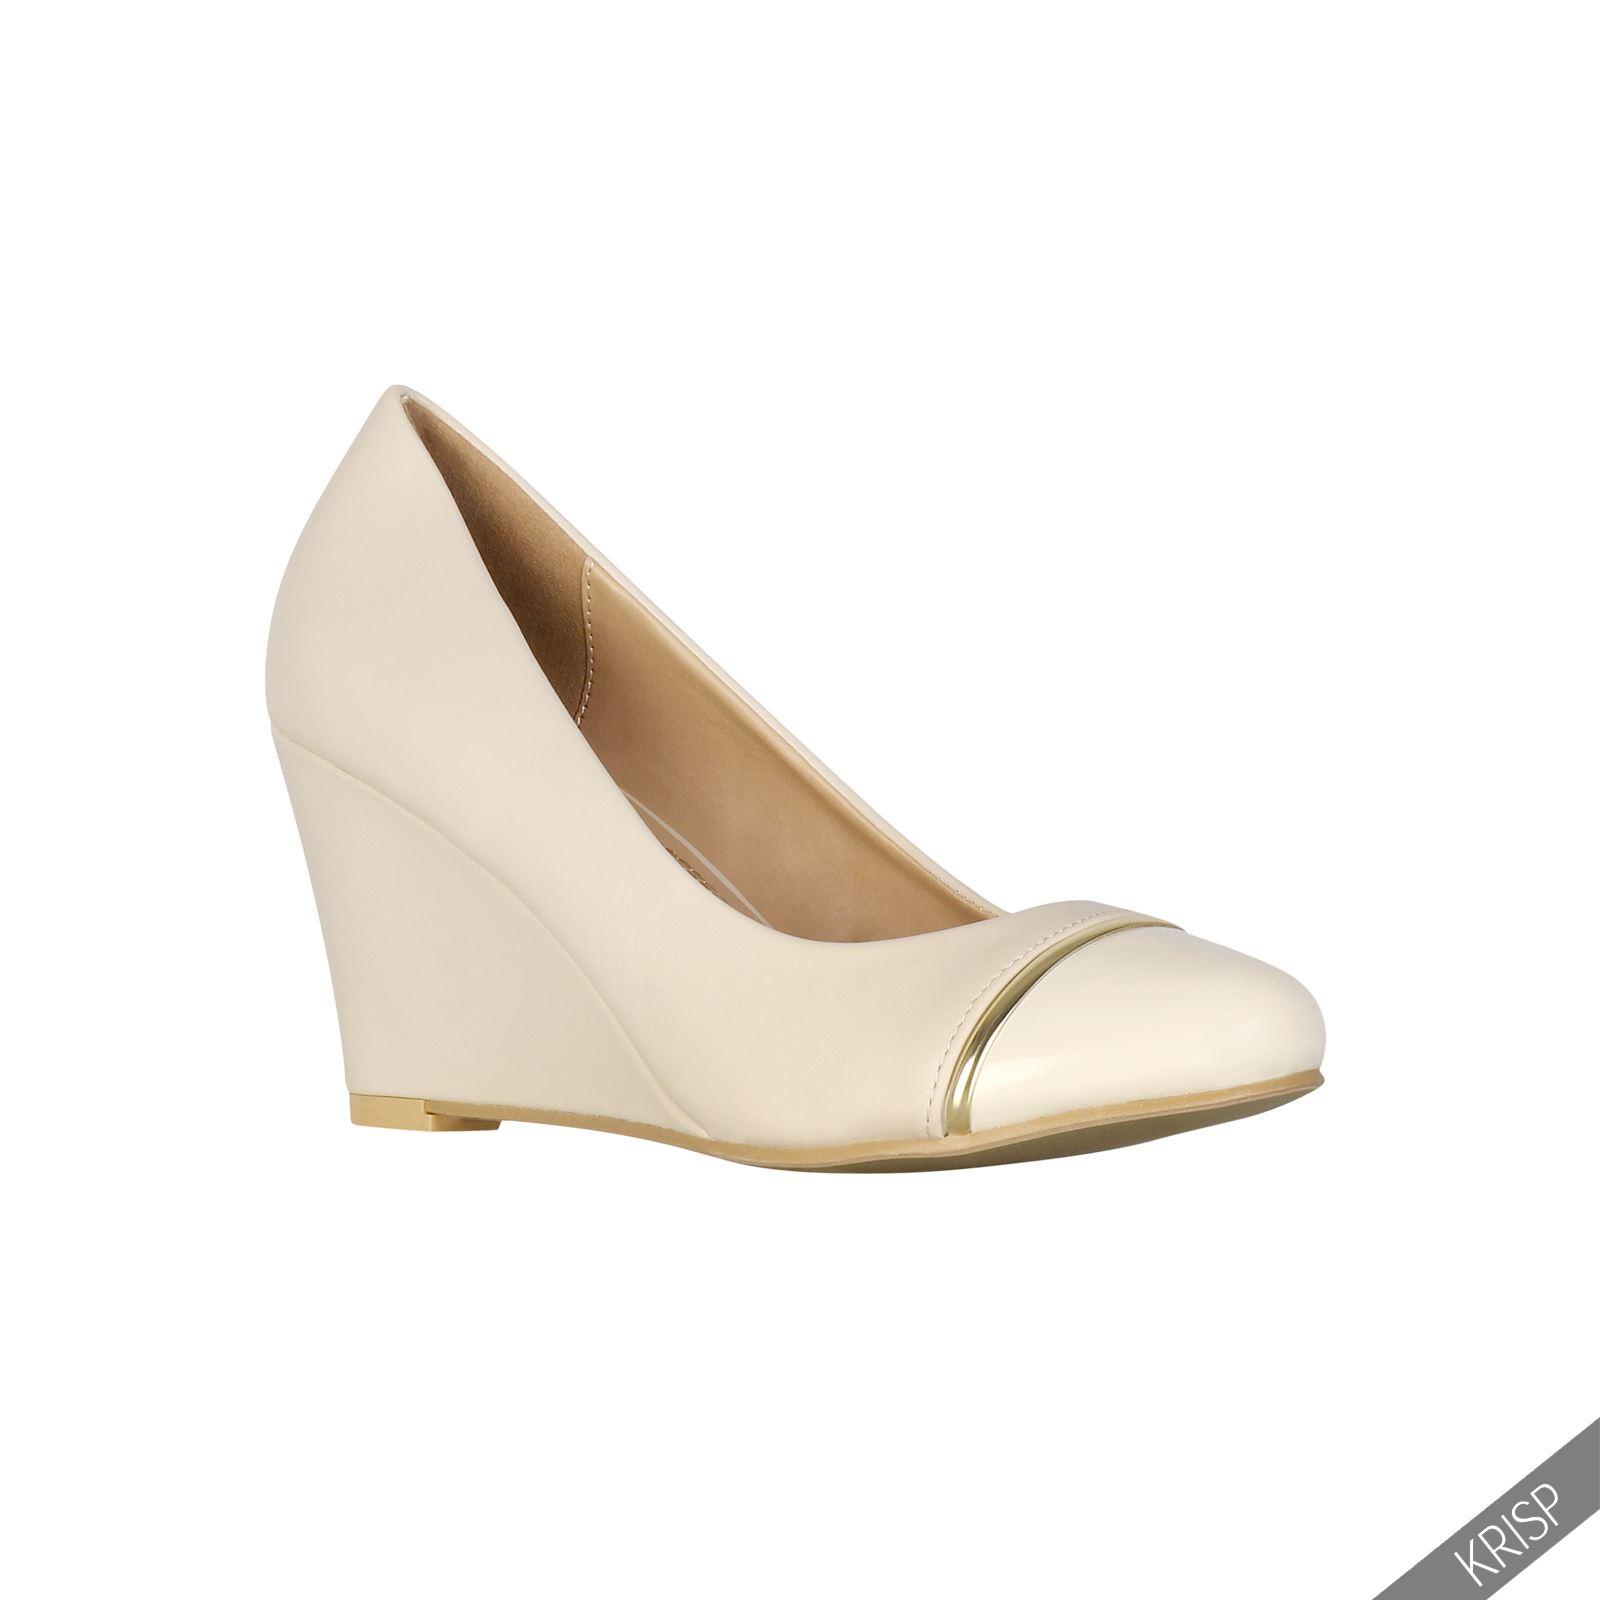 91c5d991cf2ab Zapatos Tacón Cuña Mediano Tacones Básicos Clásicos Elegantes Salón ...